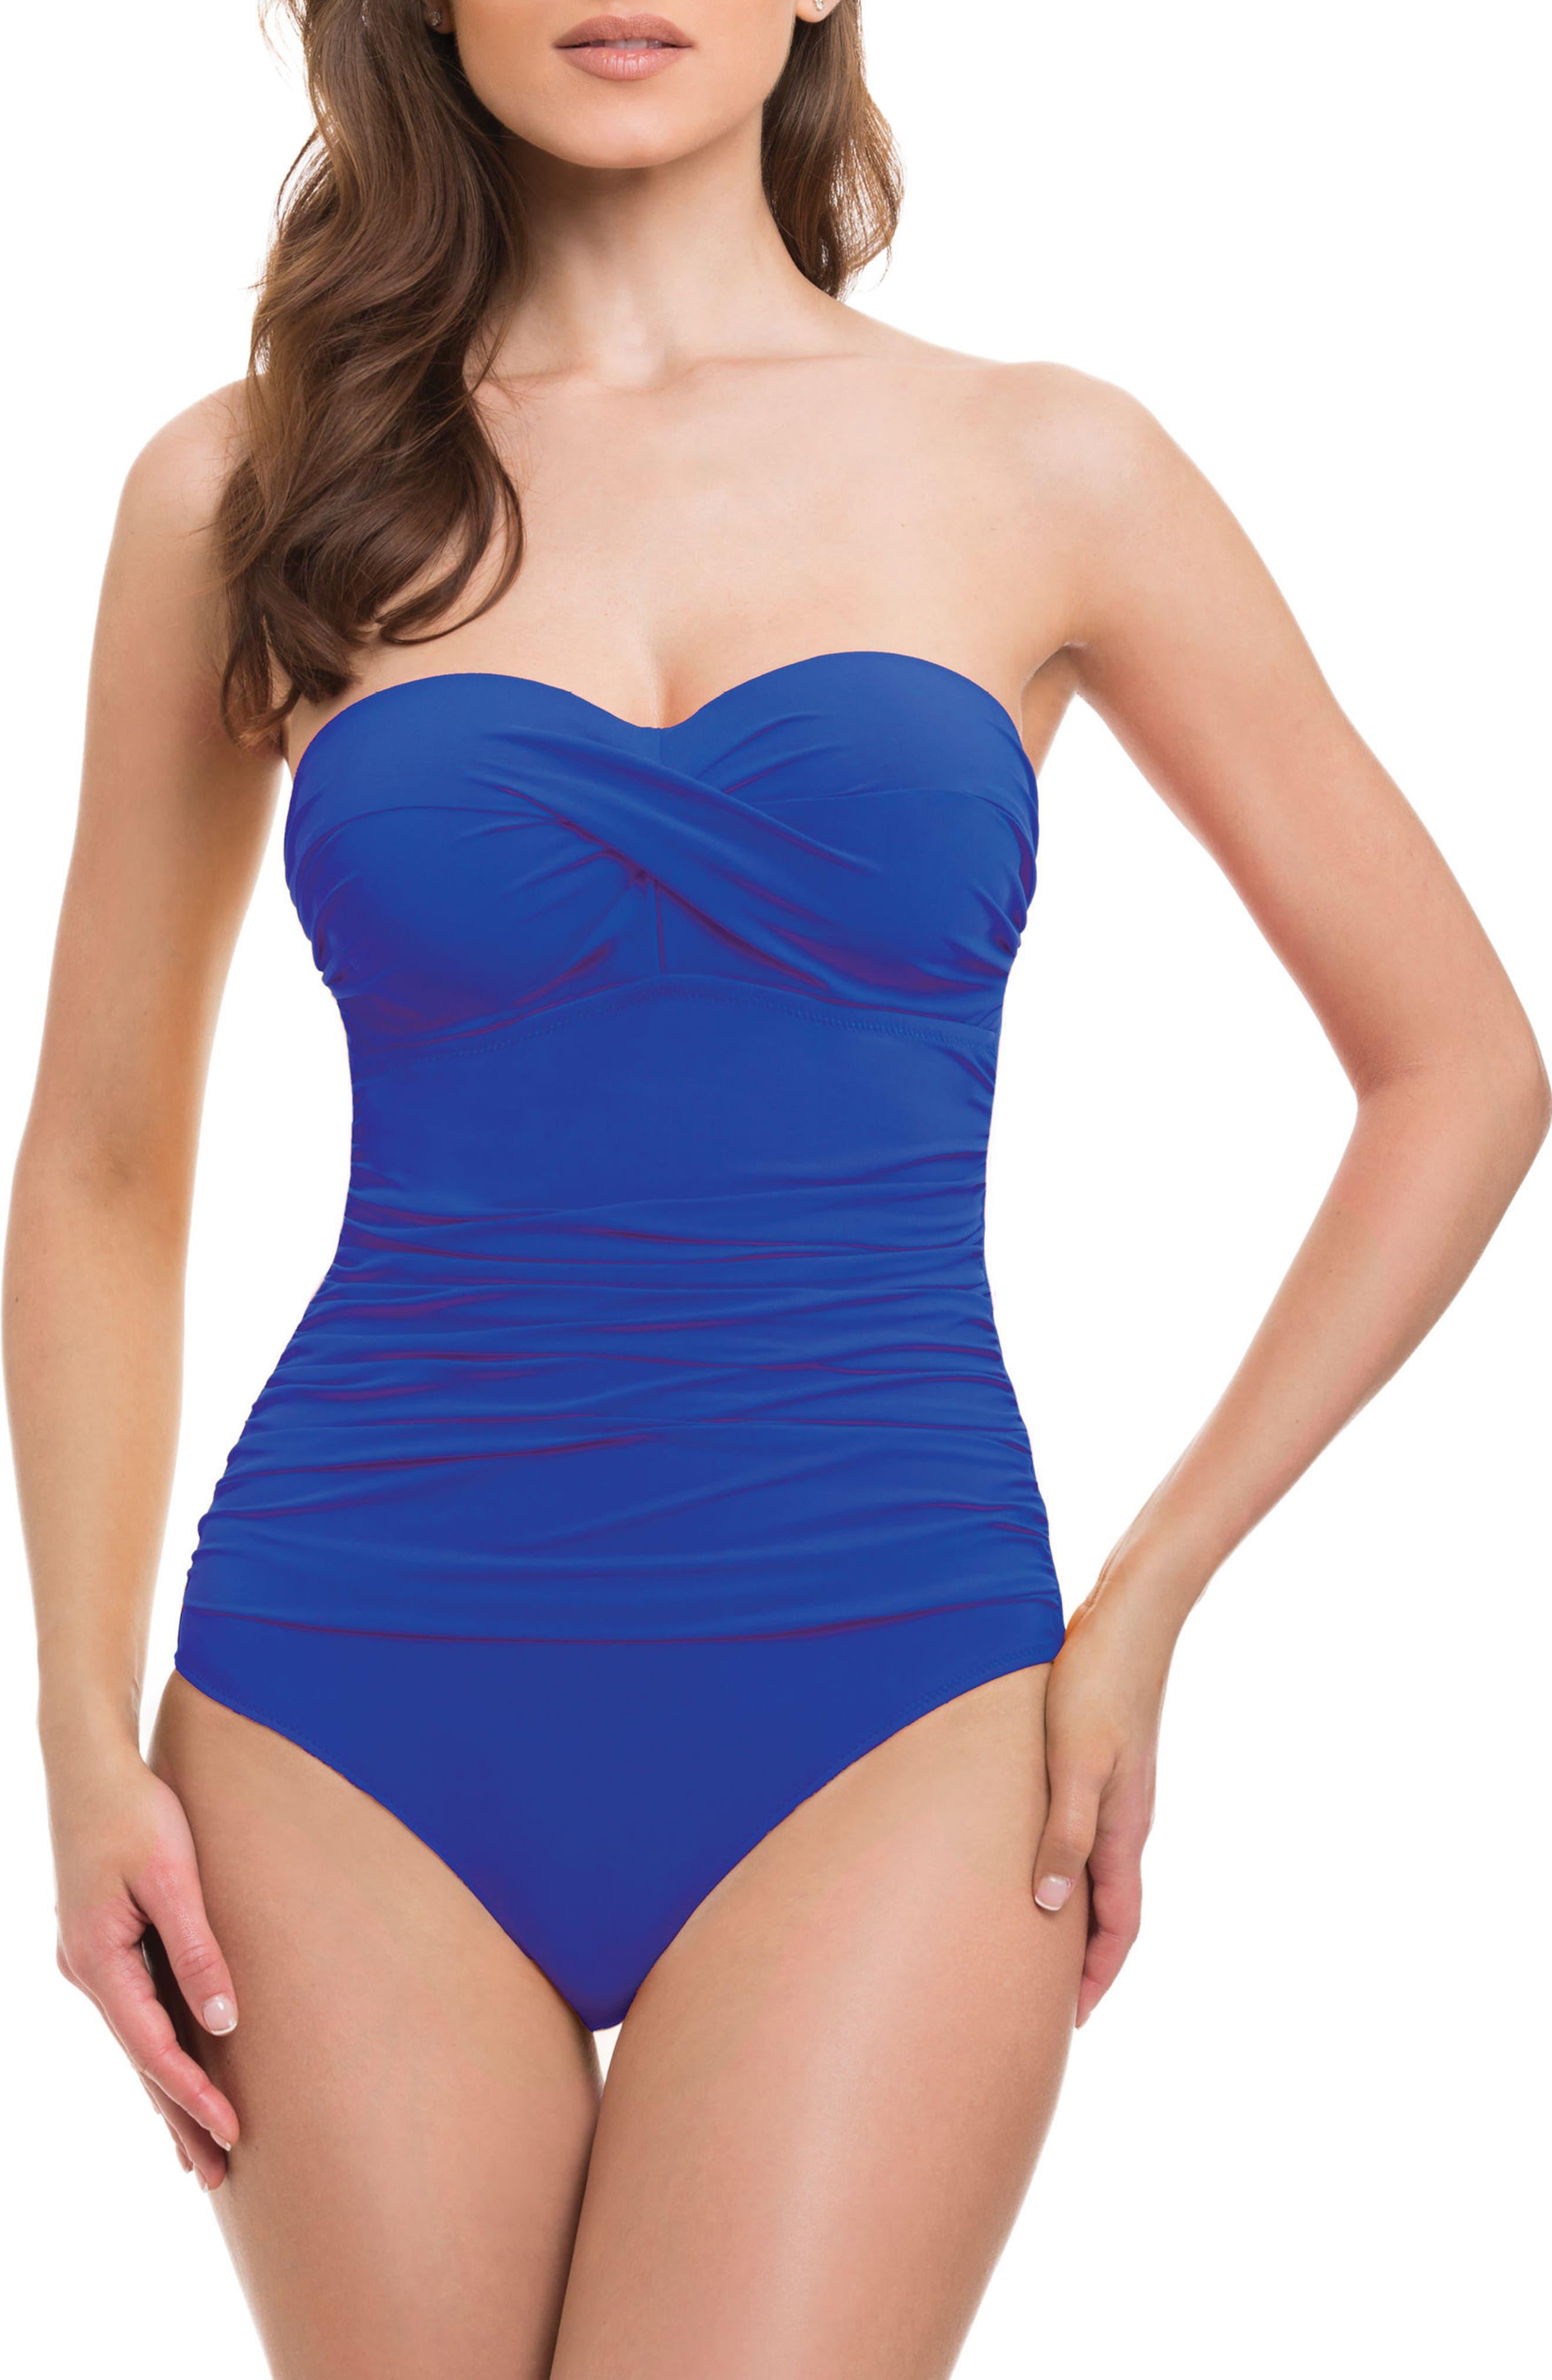 Bandeau One-Piece Swimsuit,                         Main,                         color, Royal